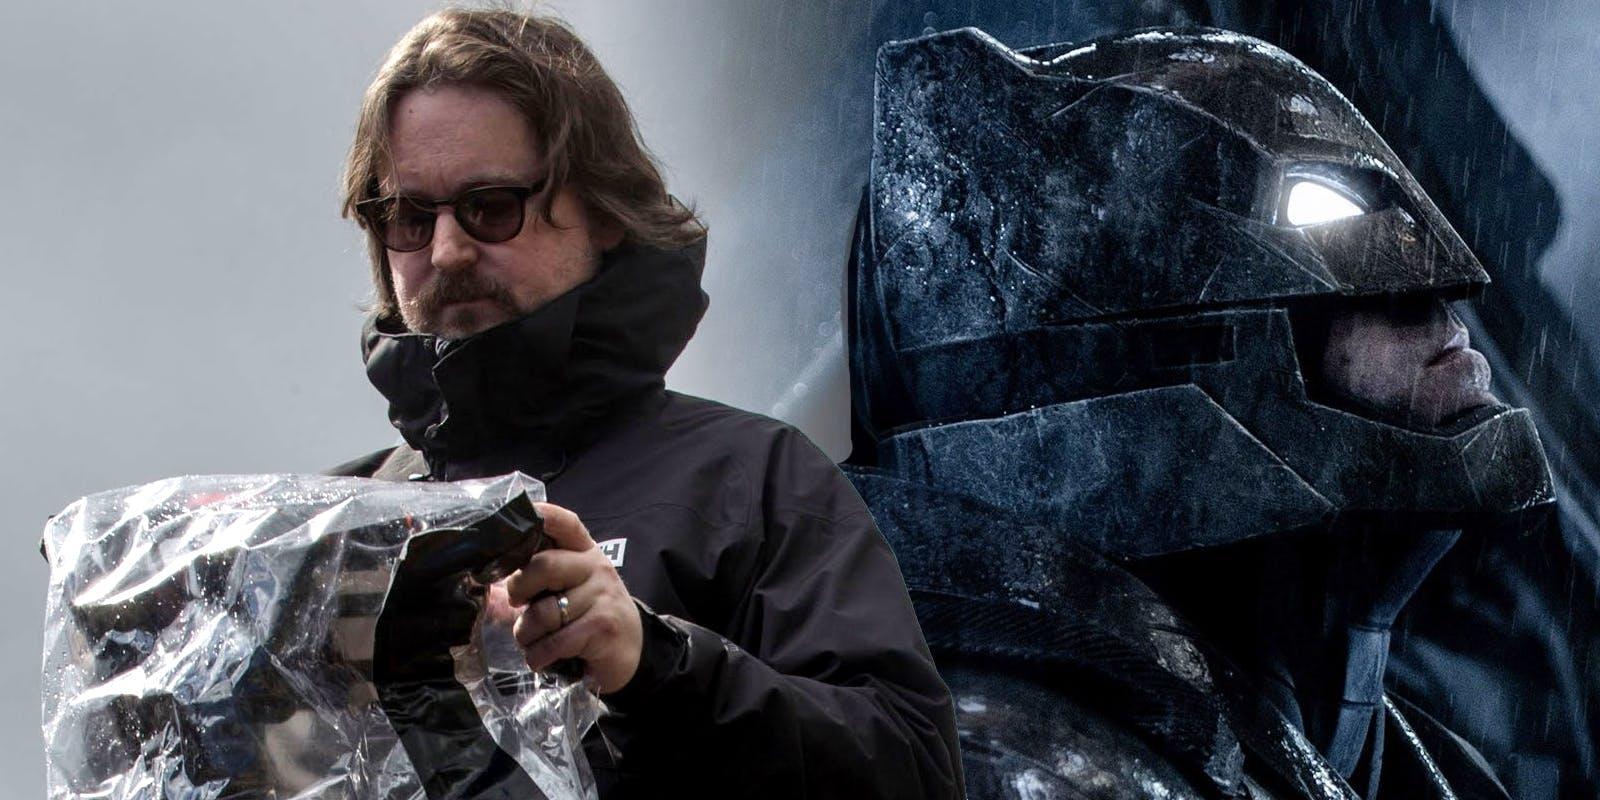 The Penguin se perfila como villano principal en The Batman de Matt Reeves y DC